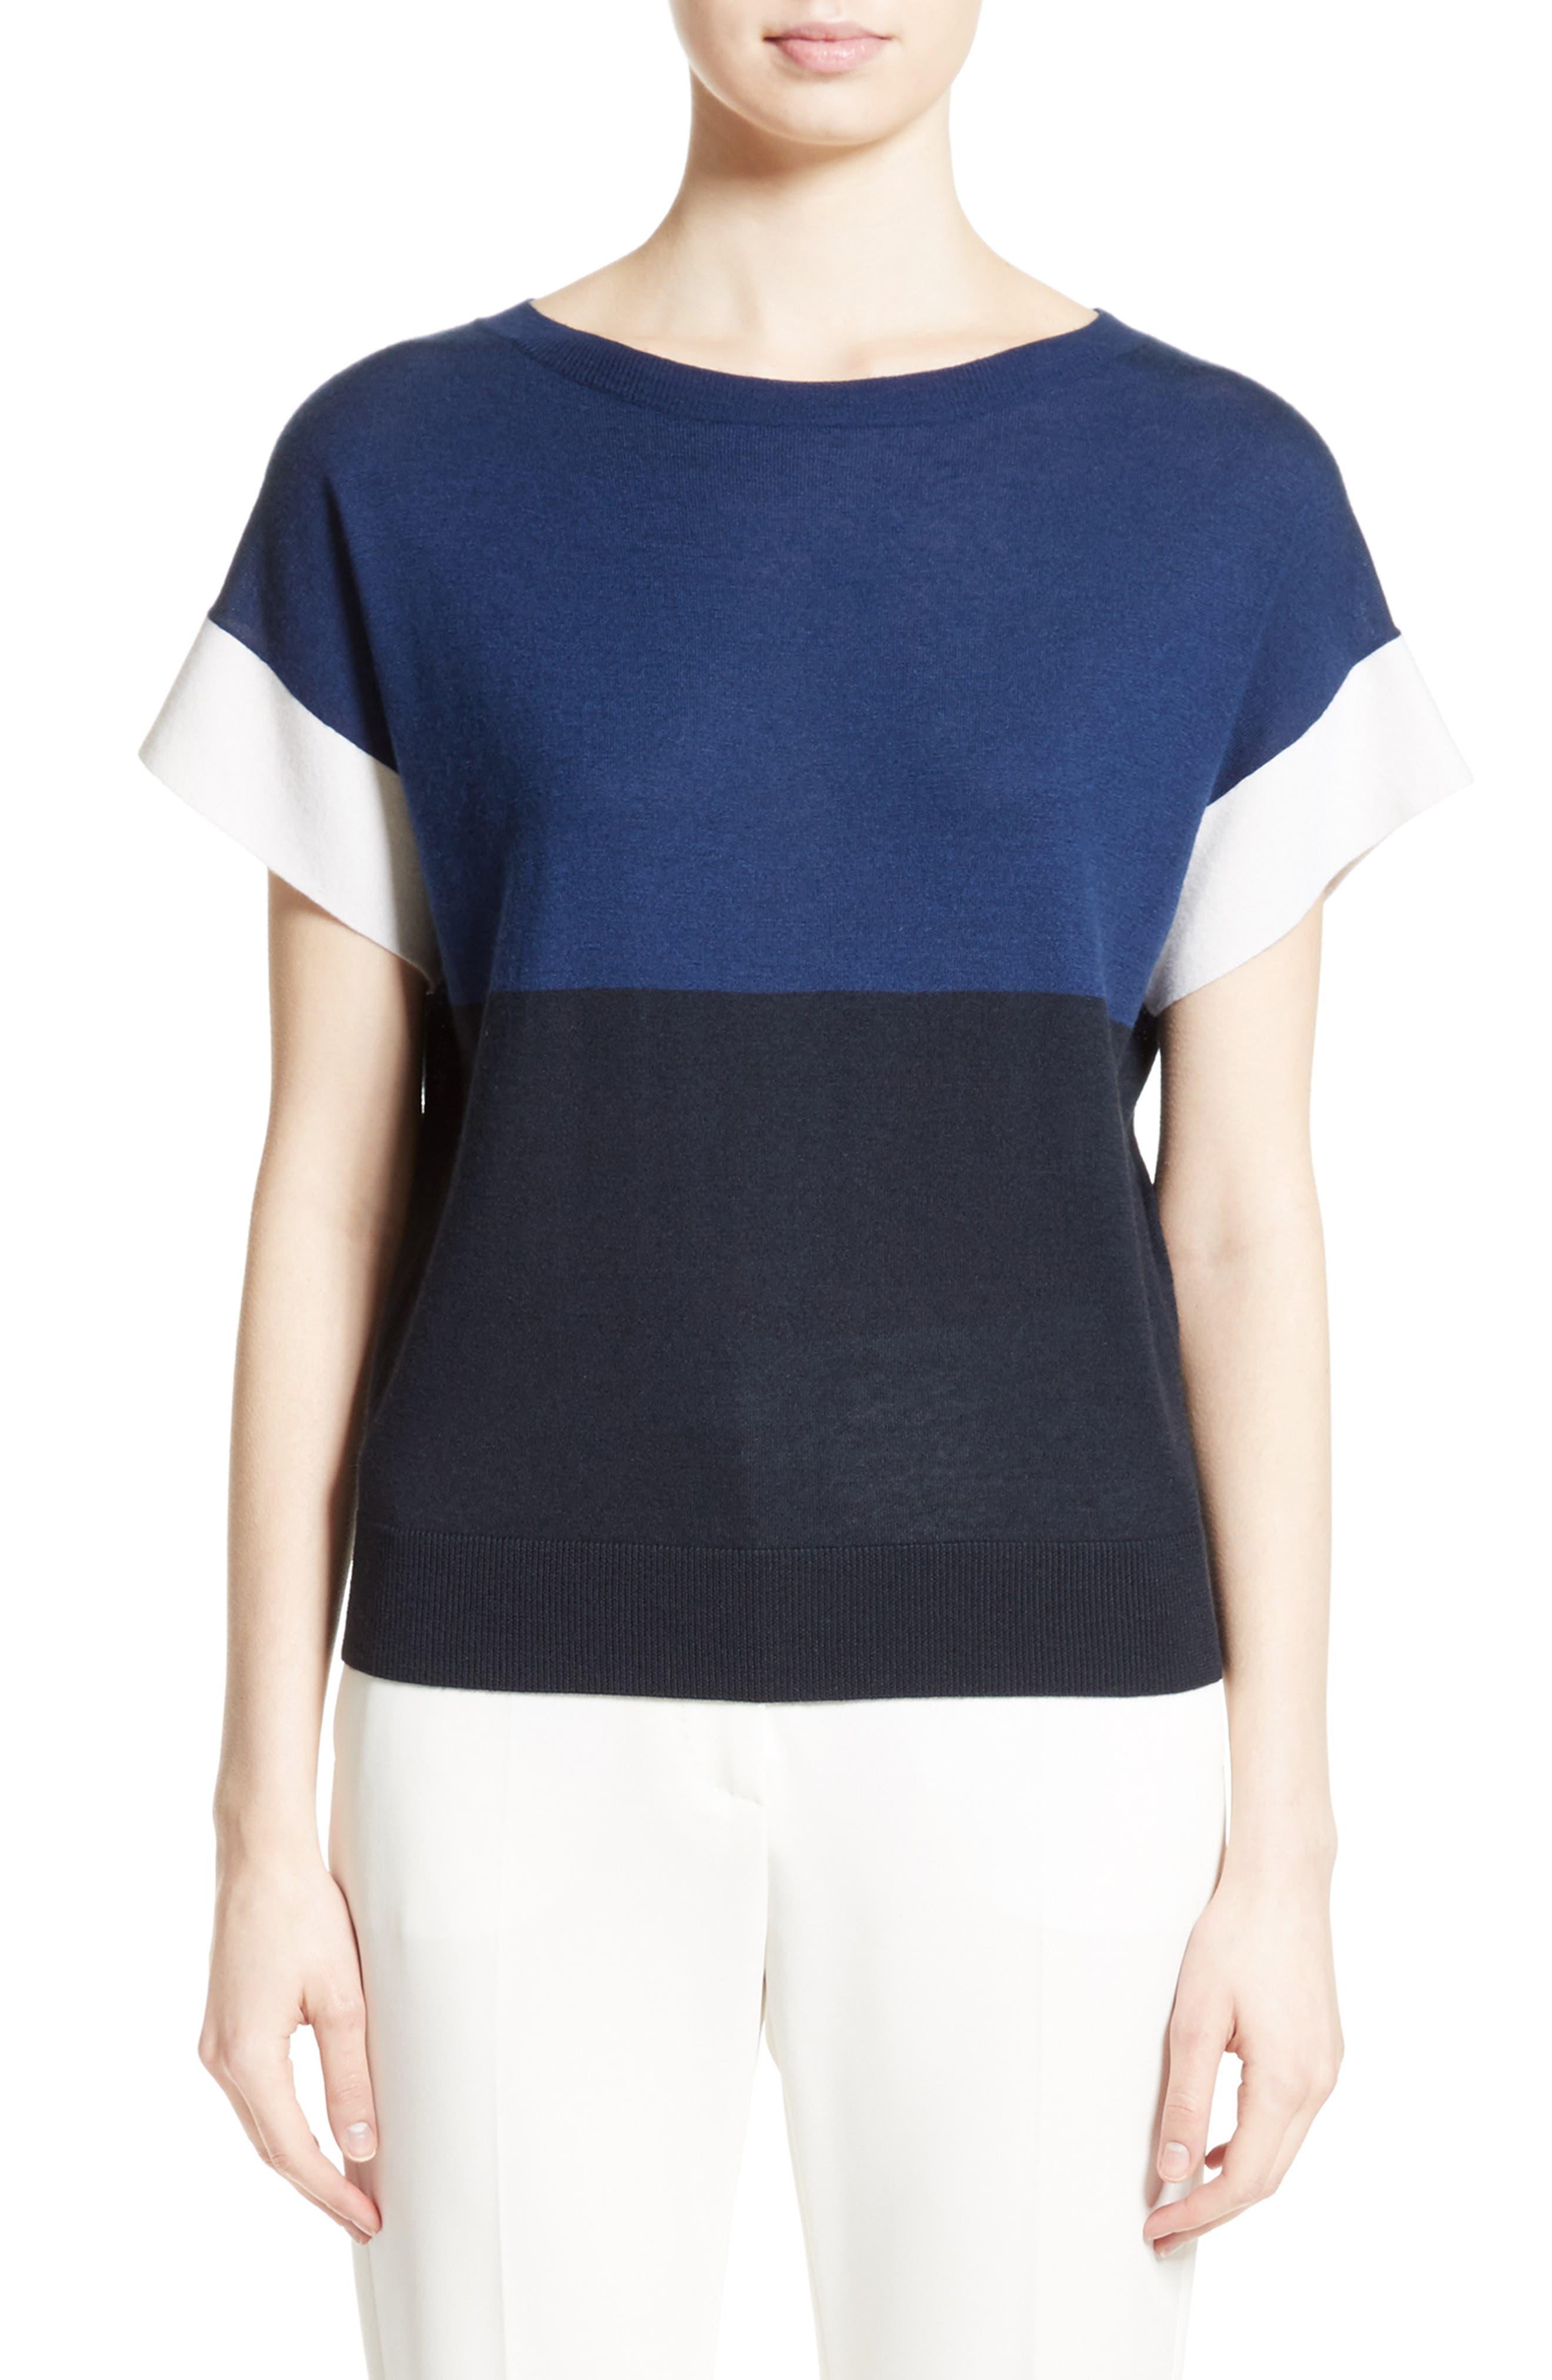 Colimbo Silk & Cashmere Top,                         Main,                         color, Ultra Marine